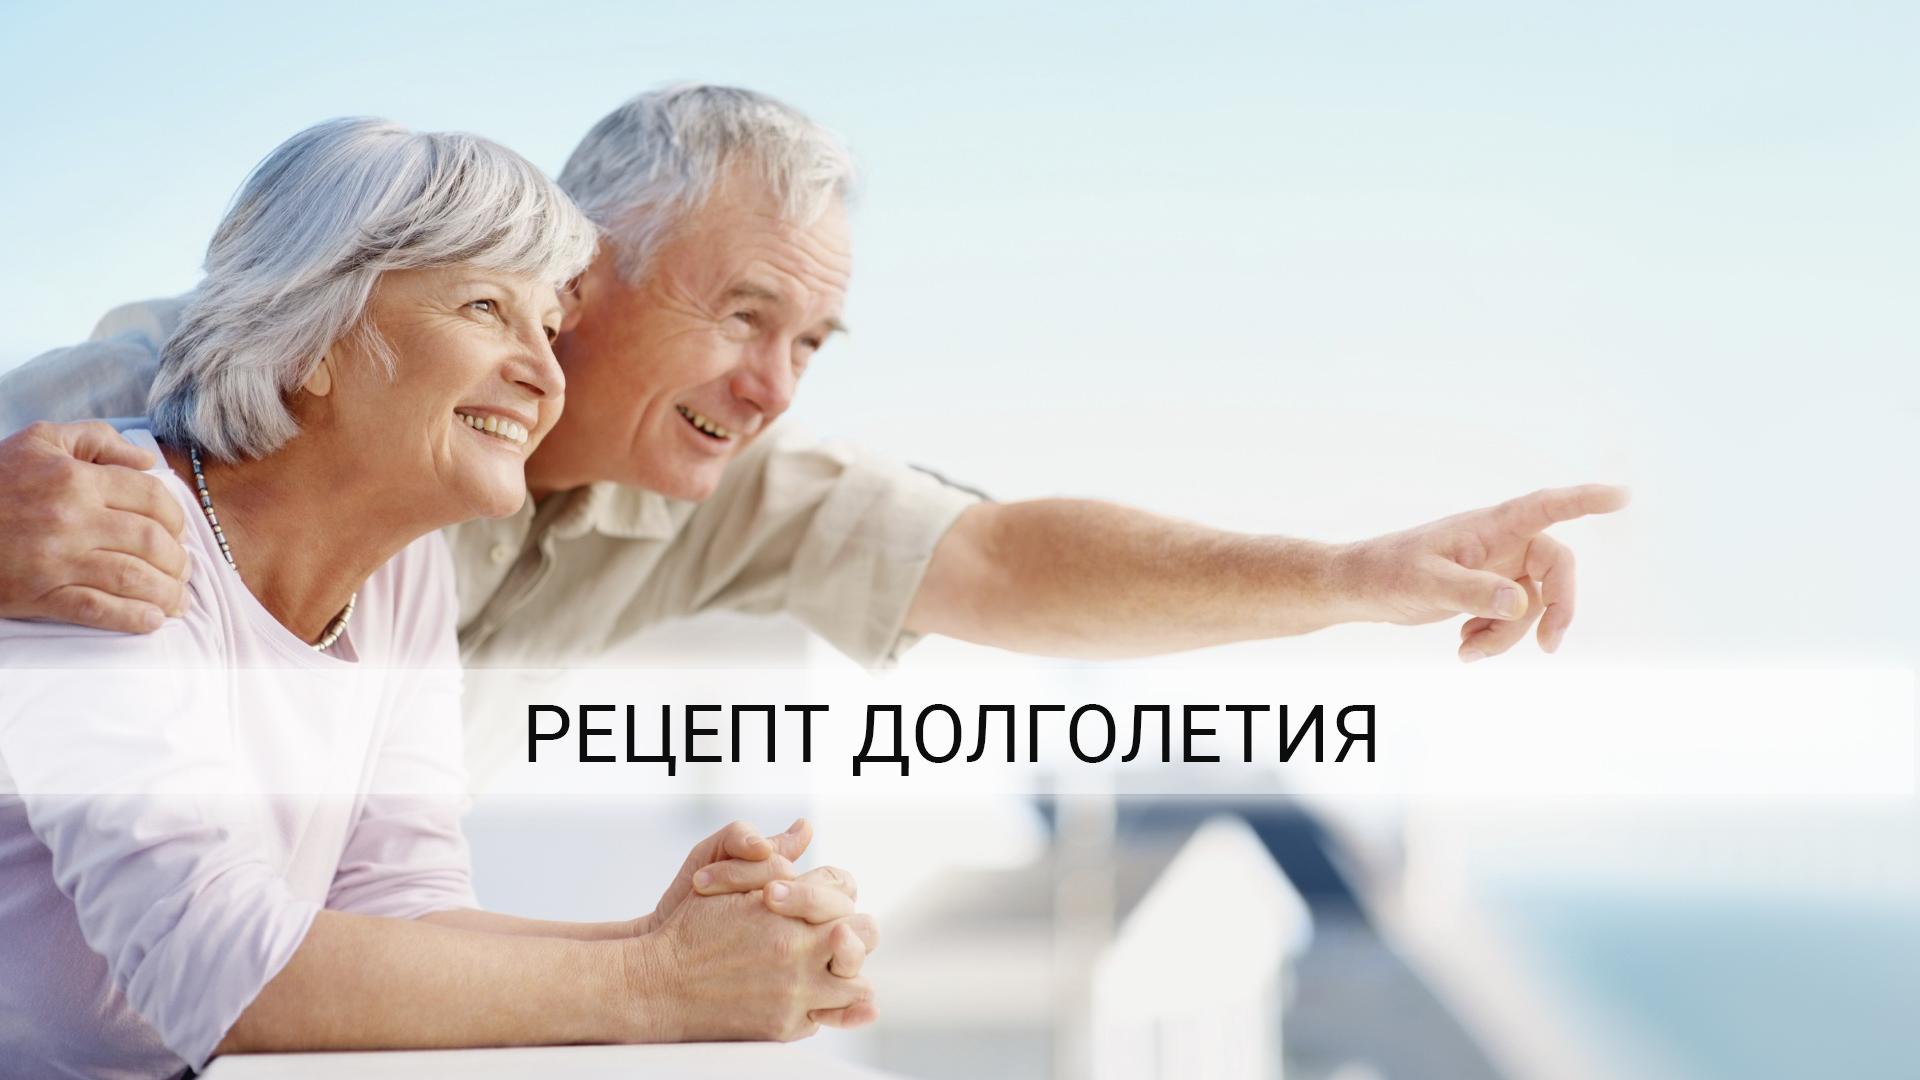 Рецепт долголетия для продления жизни